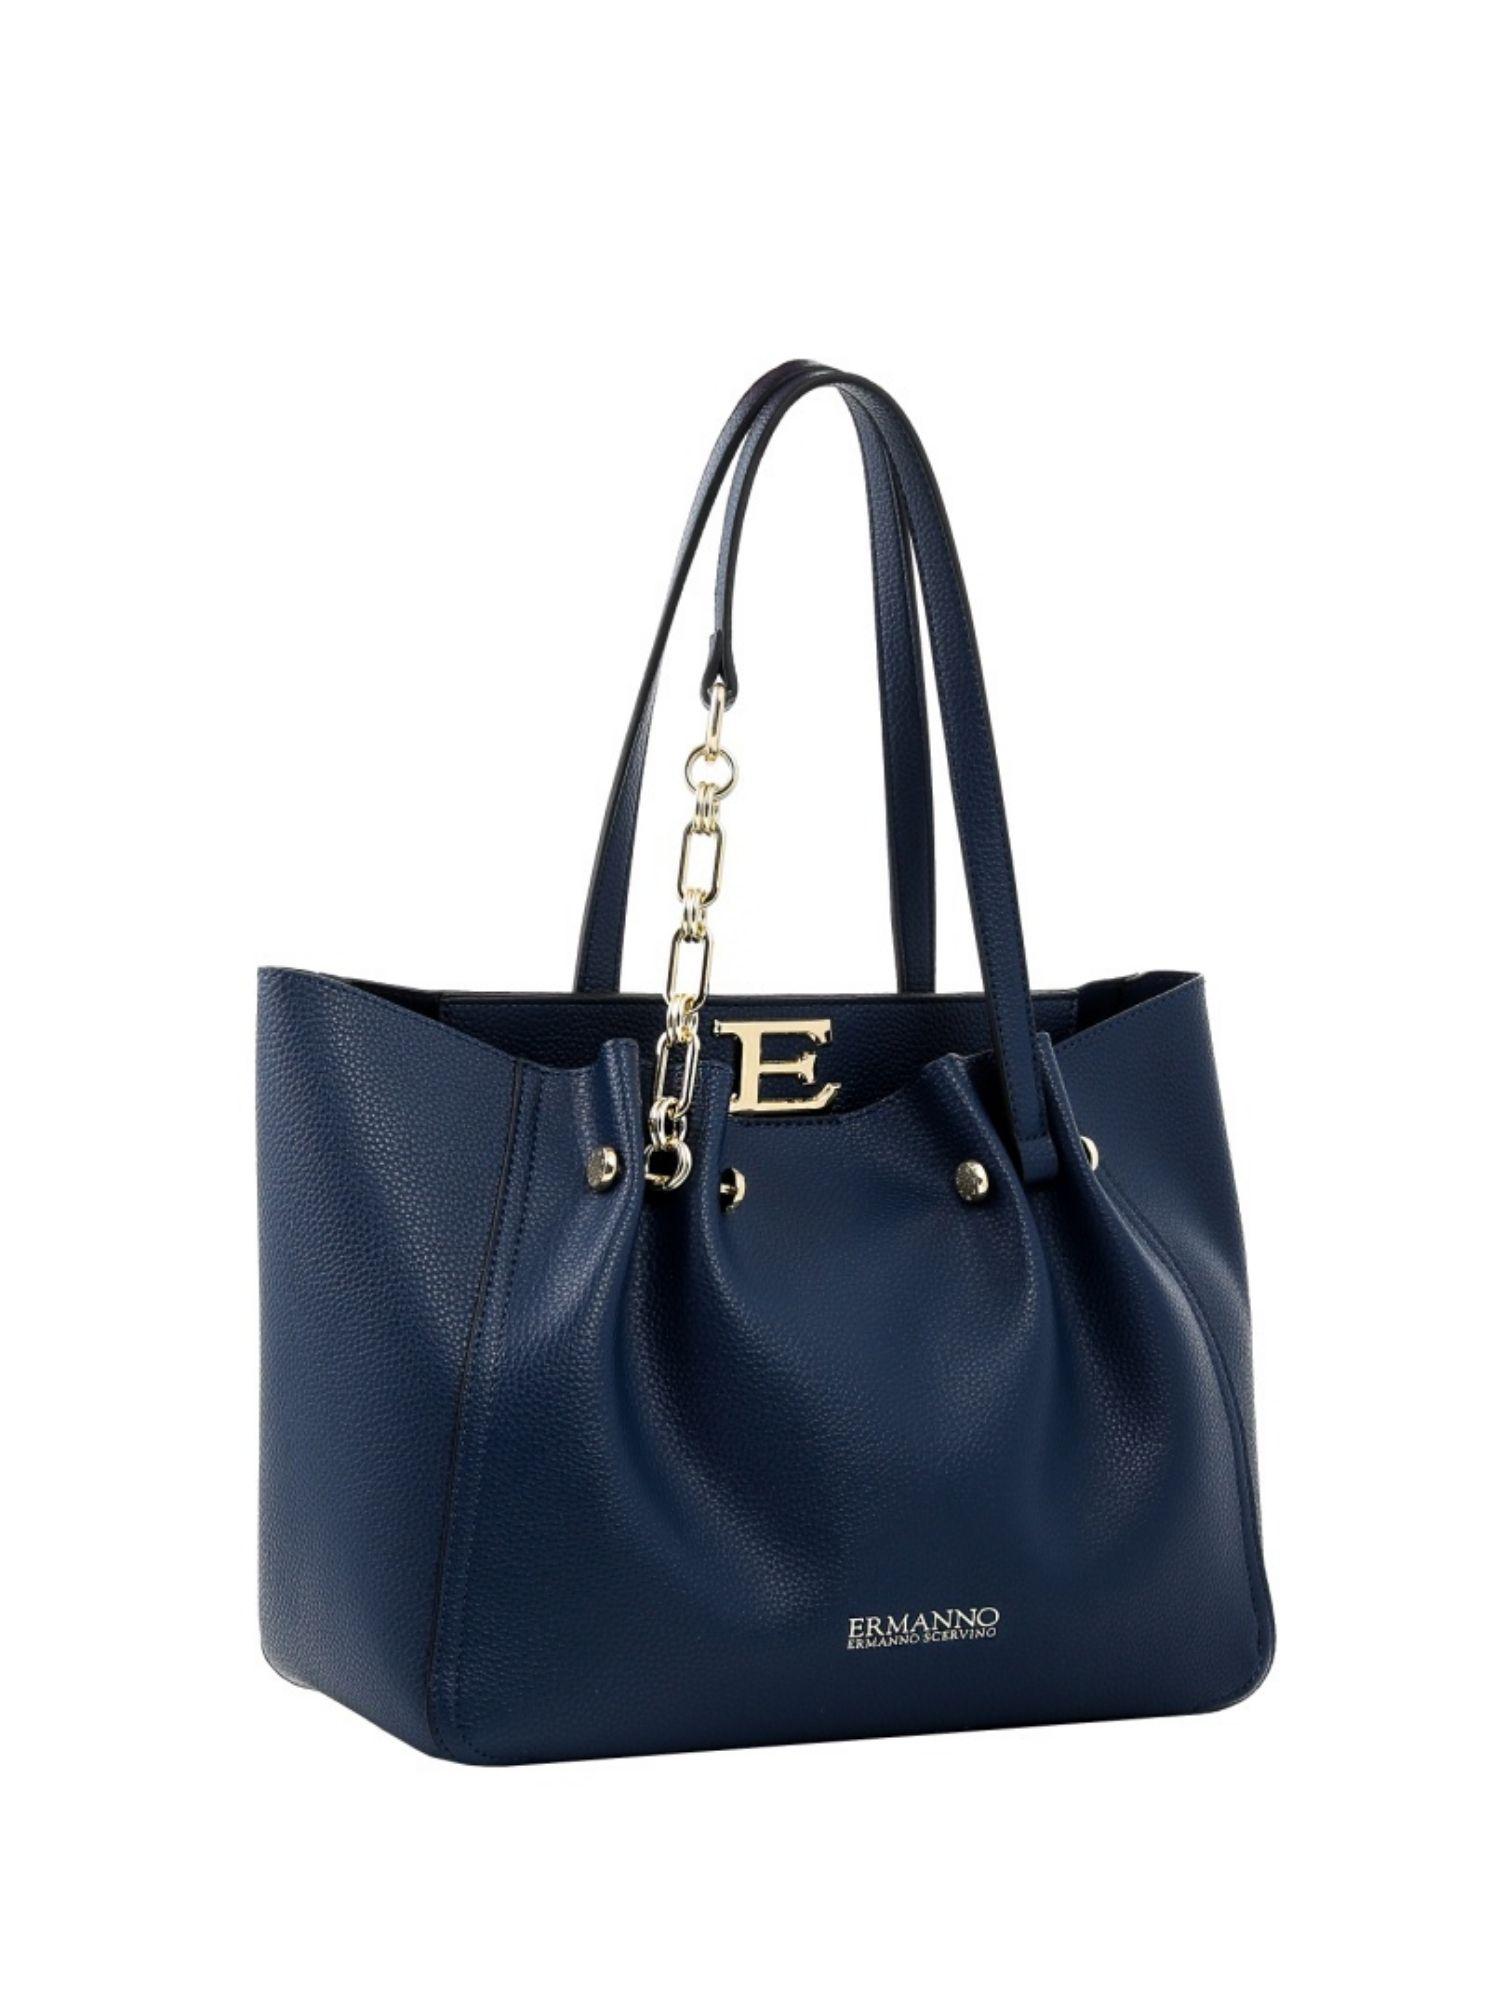 Borsa shopping Ermanno Scervino Giovanna 12401144 blu